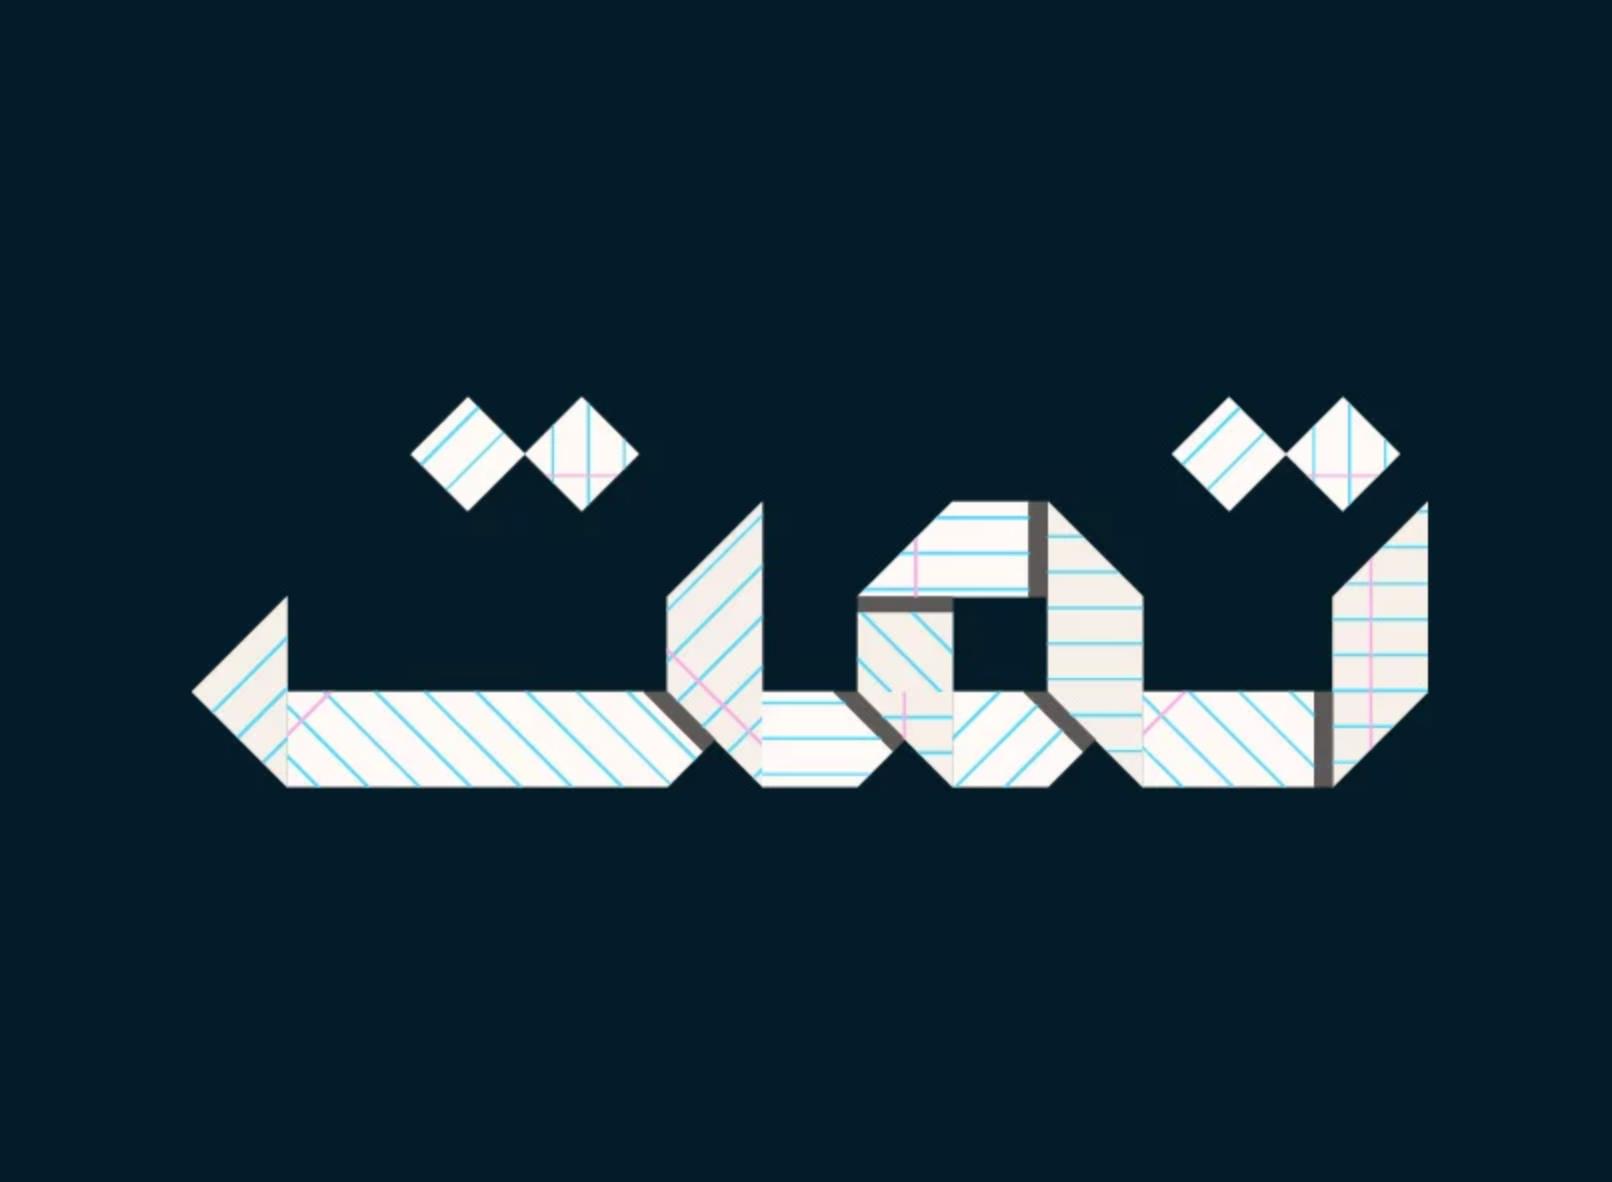 اوريغامي هو خط عربي تجريبي مستوحى  من فن طي الورق